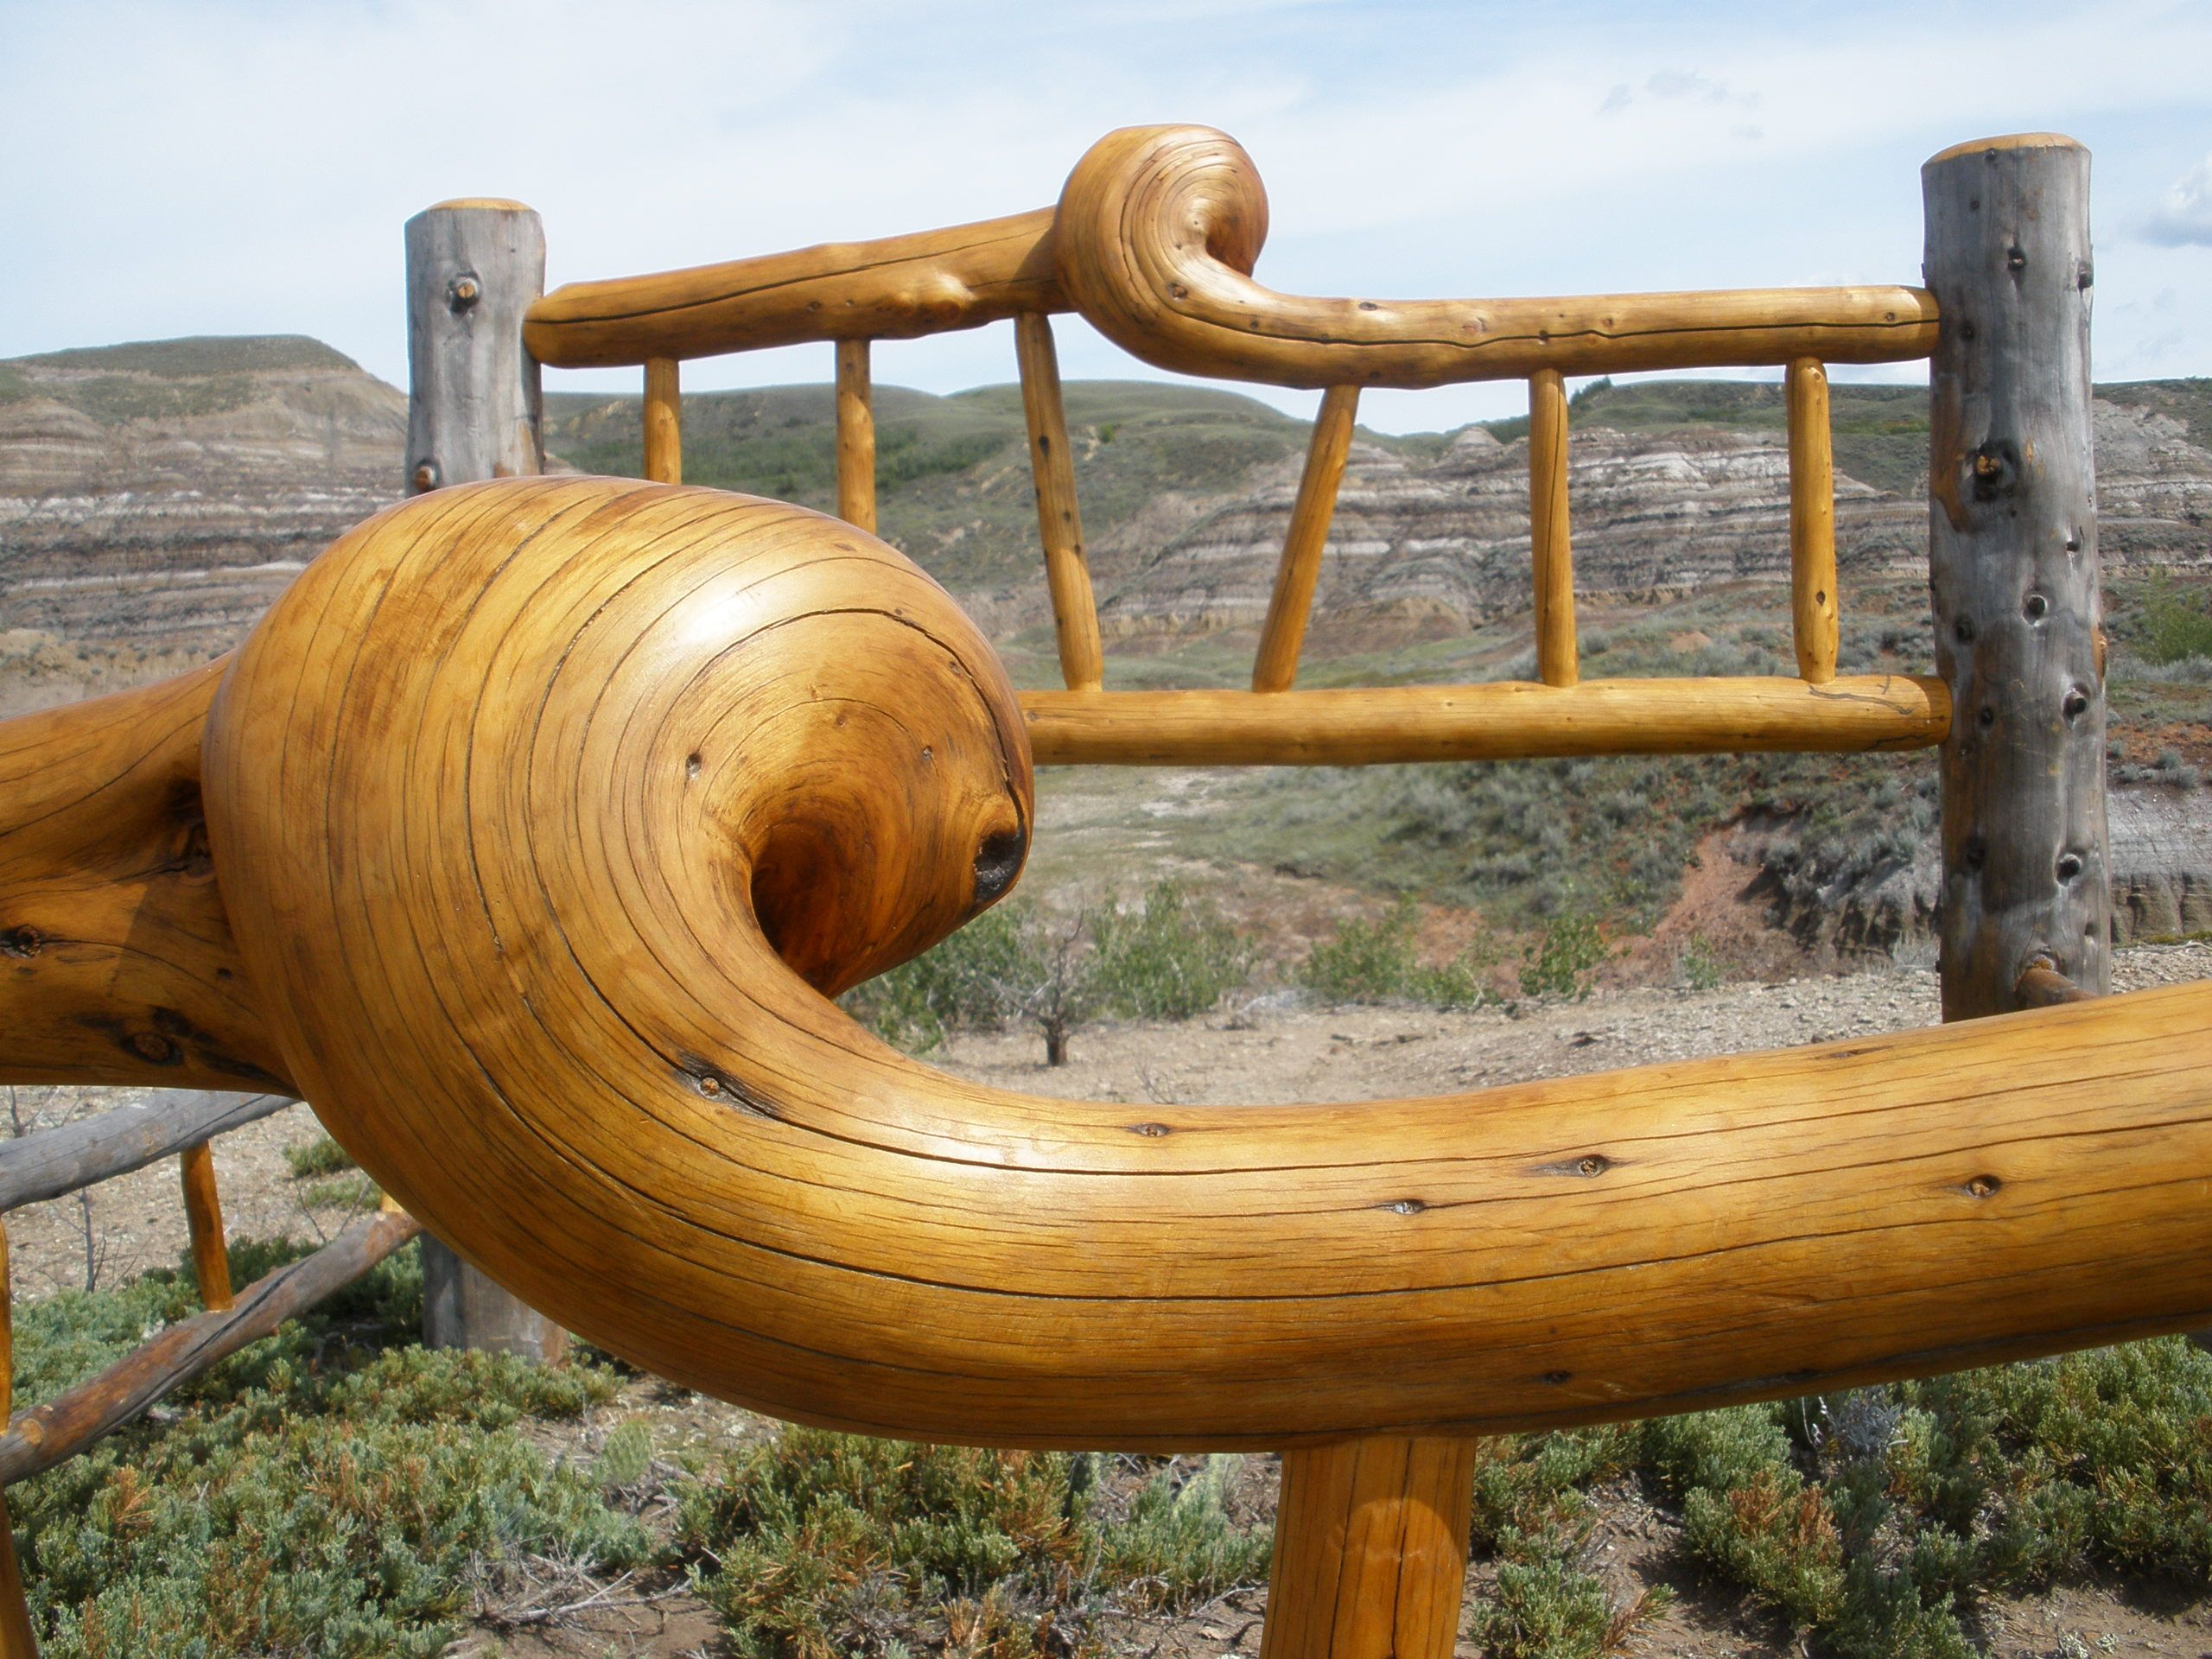 Log Beds including Rustic Beds, Log Cabin Be Aspen Beds